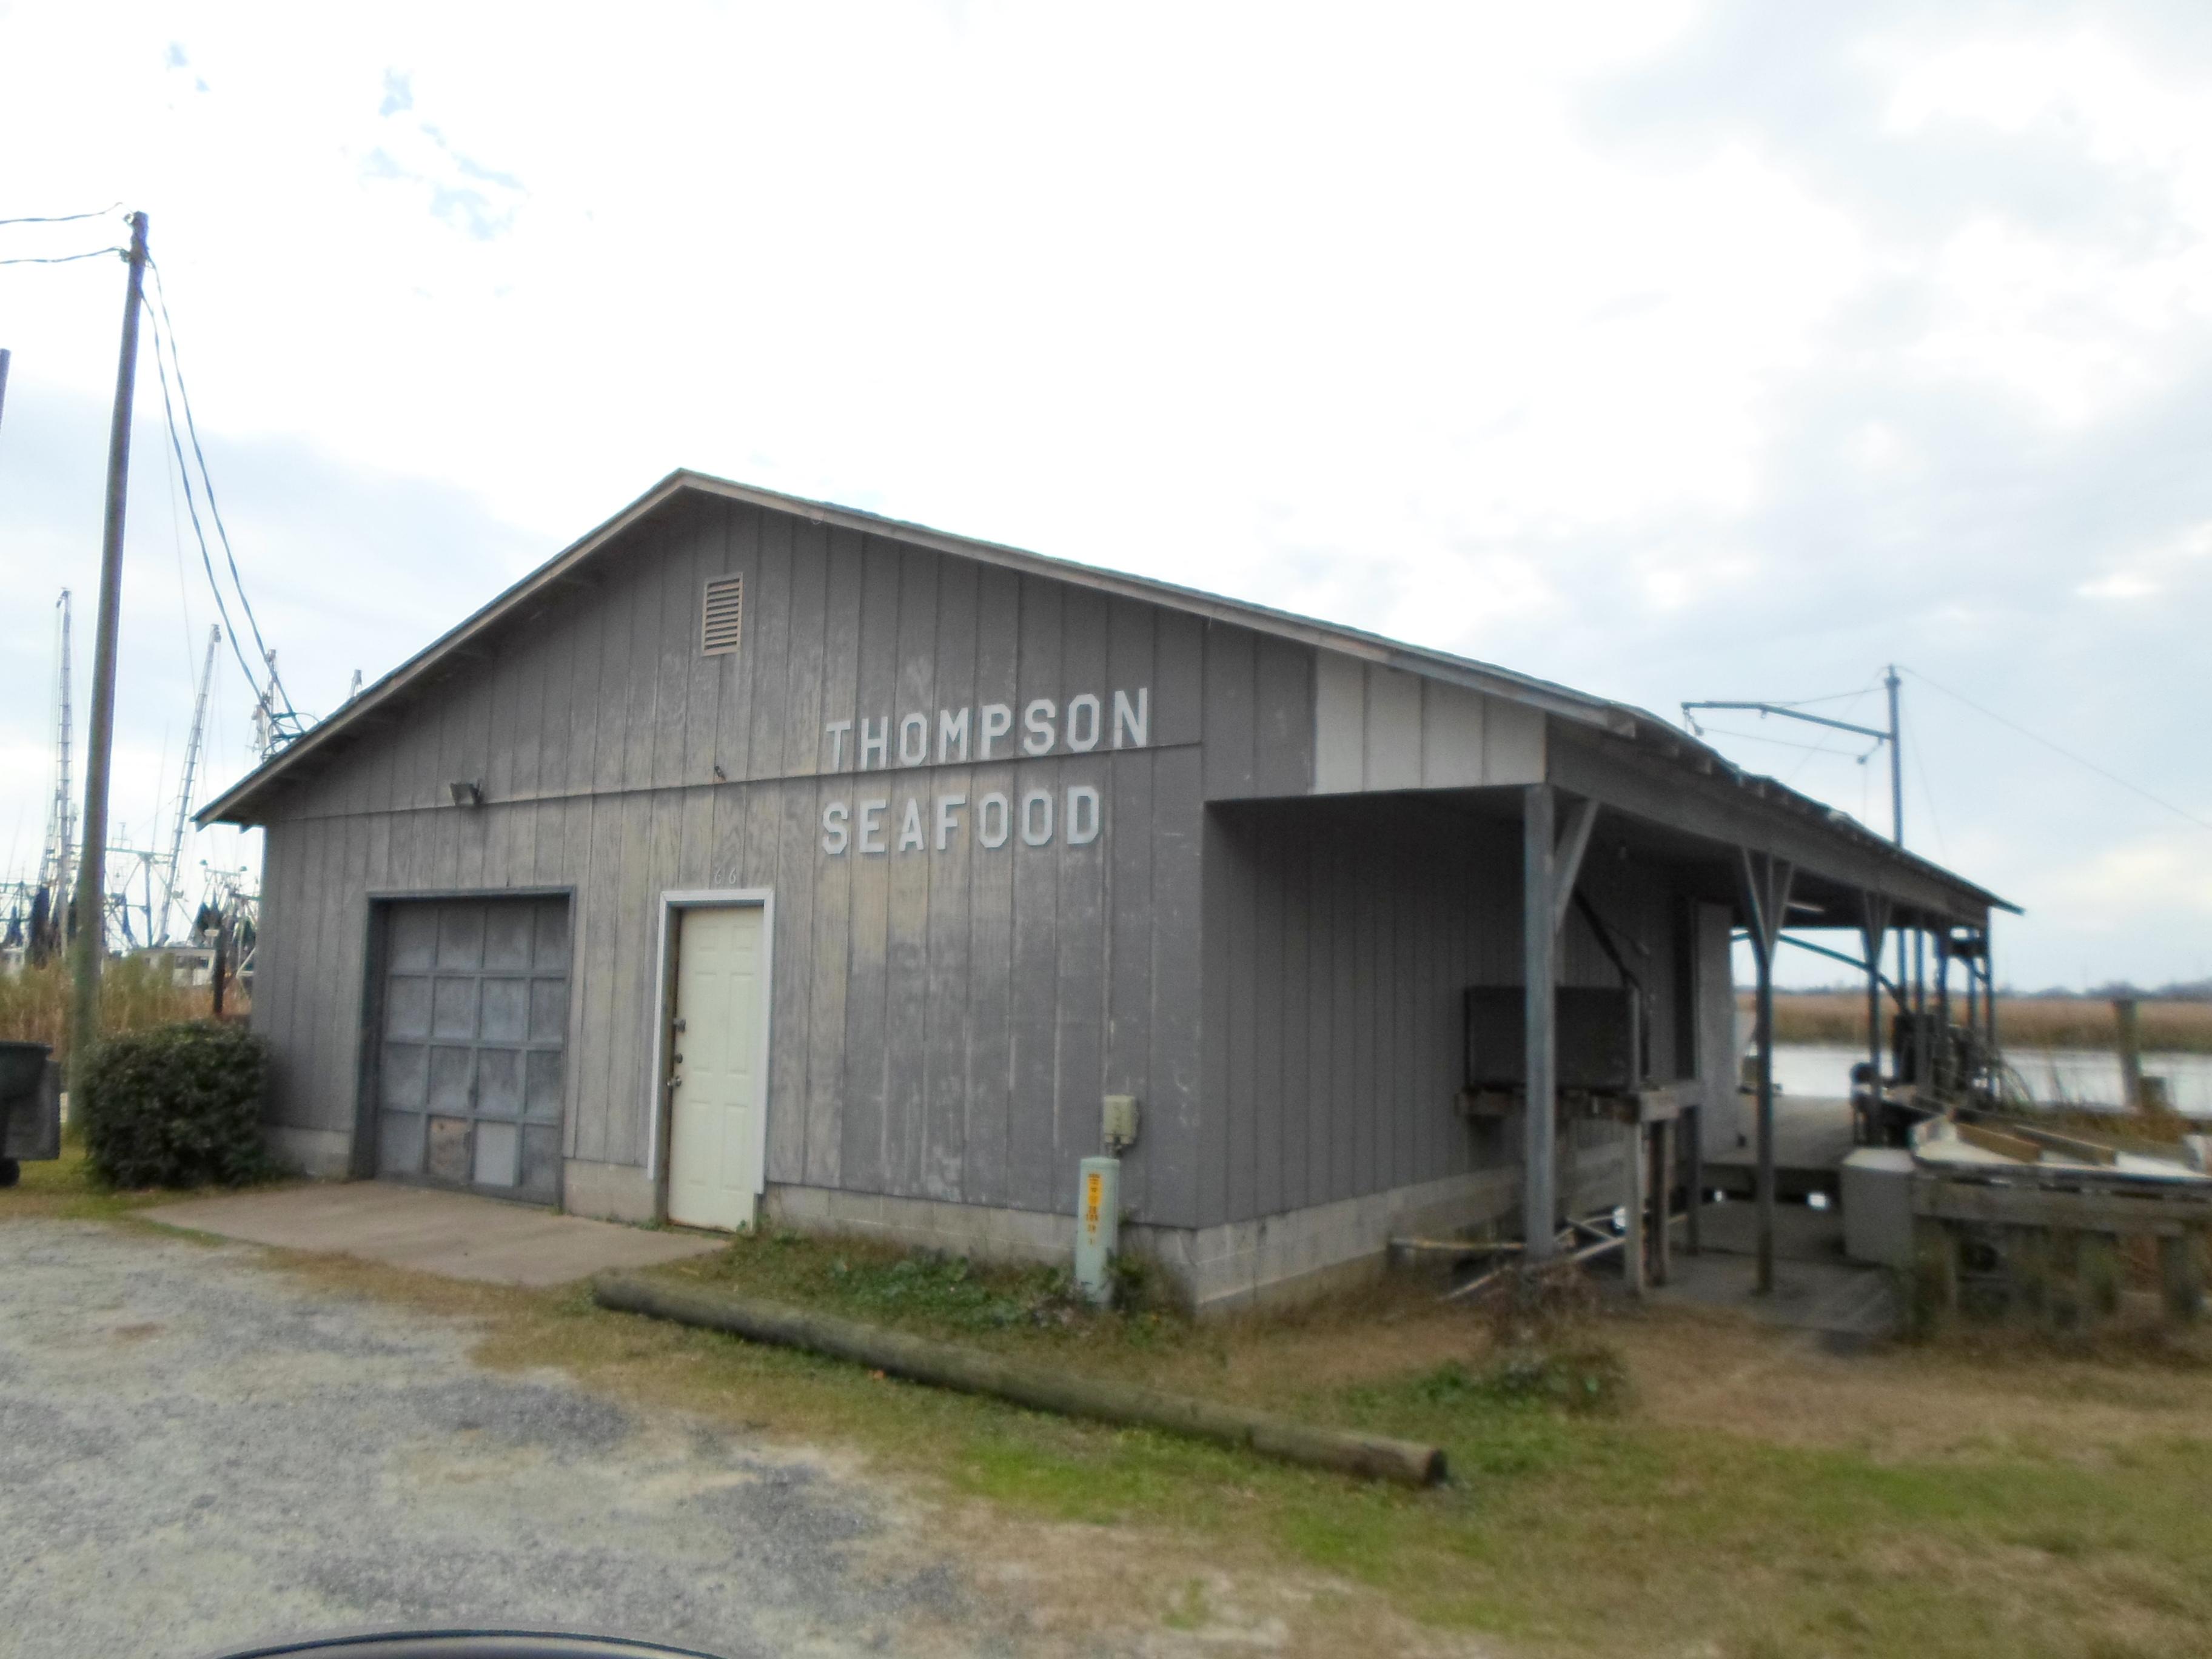 Thompson Seafood, Darien GA